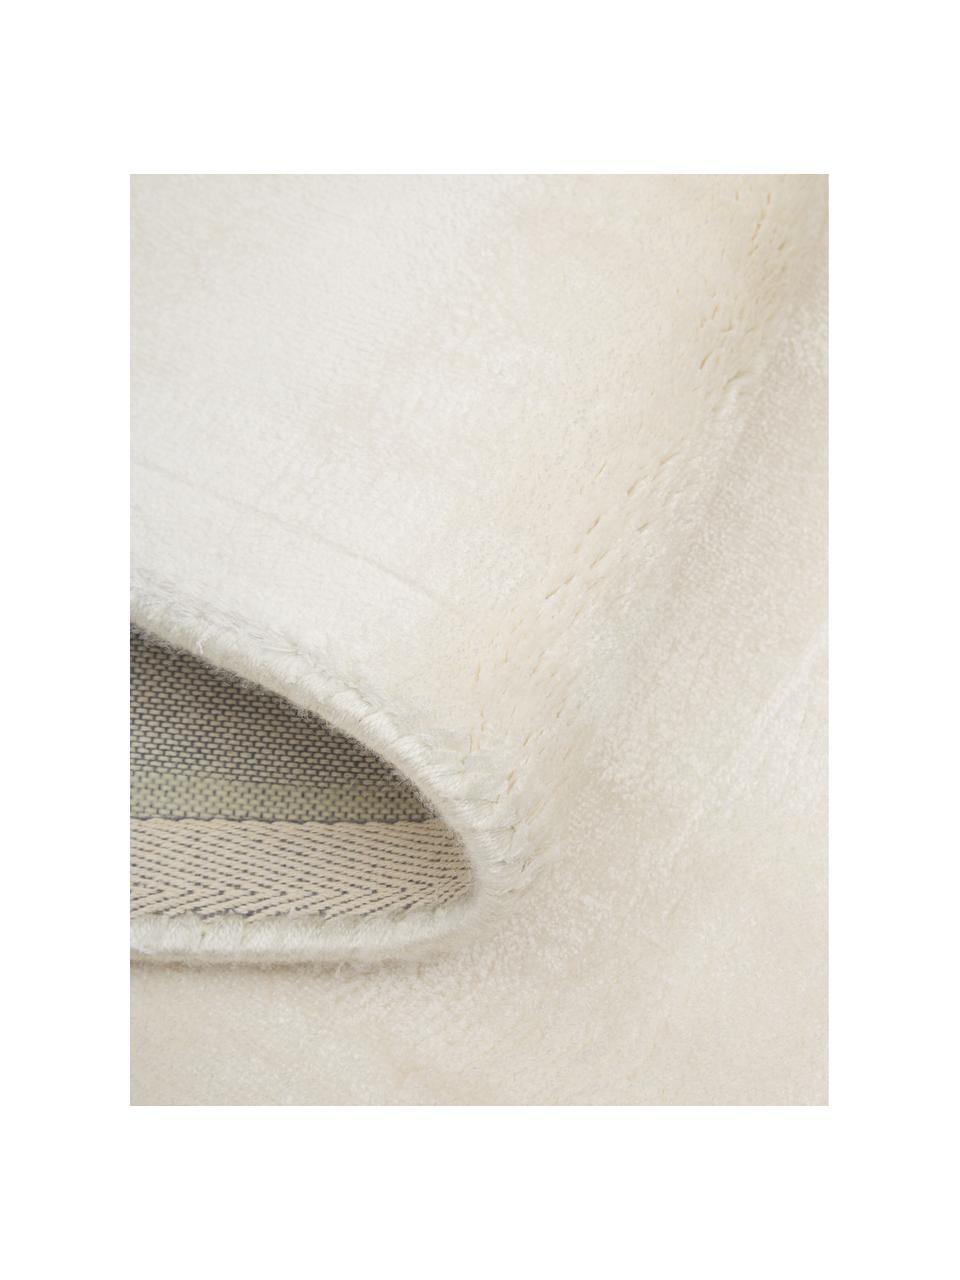 Tappeto in viscosa di qualità premium Grace, Retro: 100% poliestere, Bianco crema, Larg. 200 x Lung. 300 cm (taglia L)